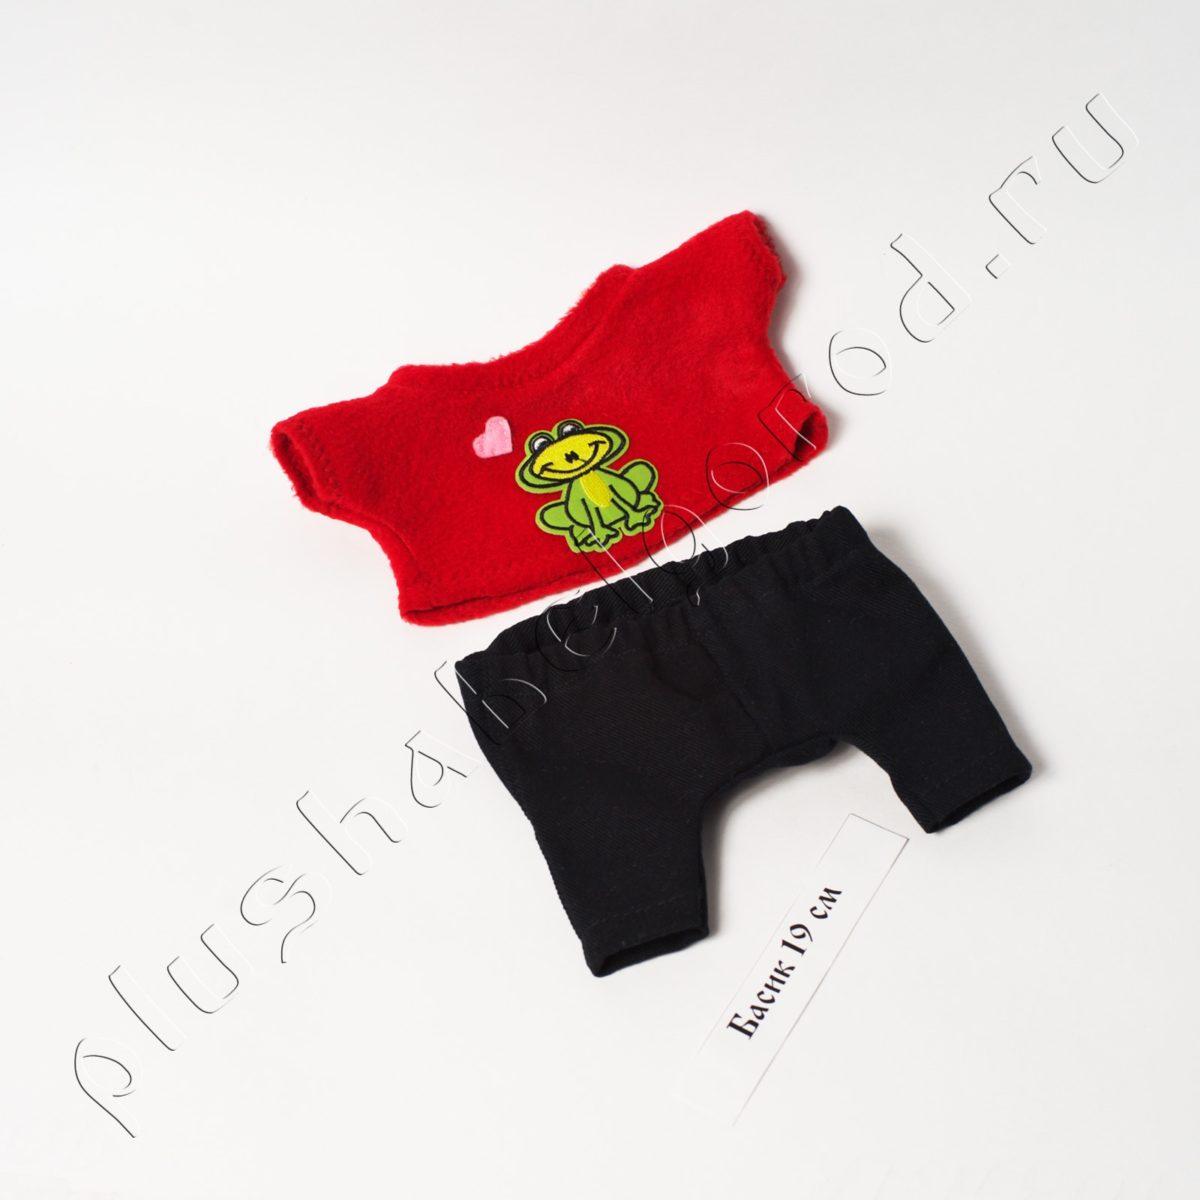 Джинсы чёрные и красная футболка с лягушкой(19см!)